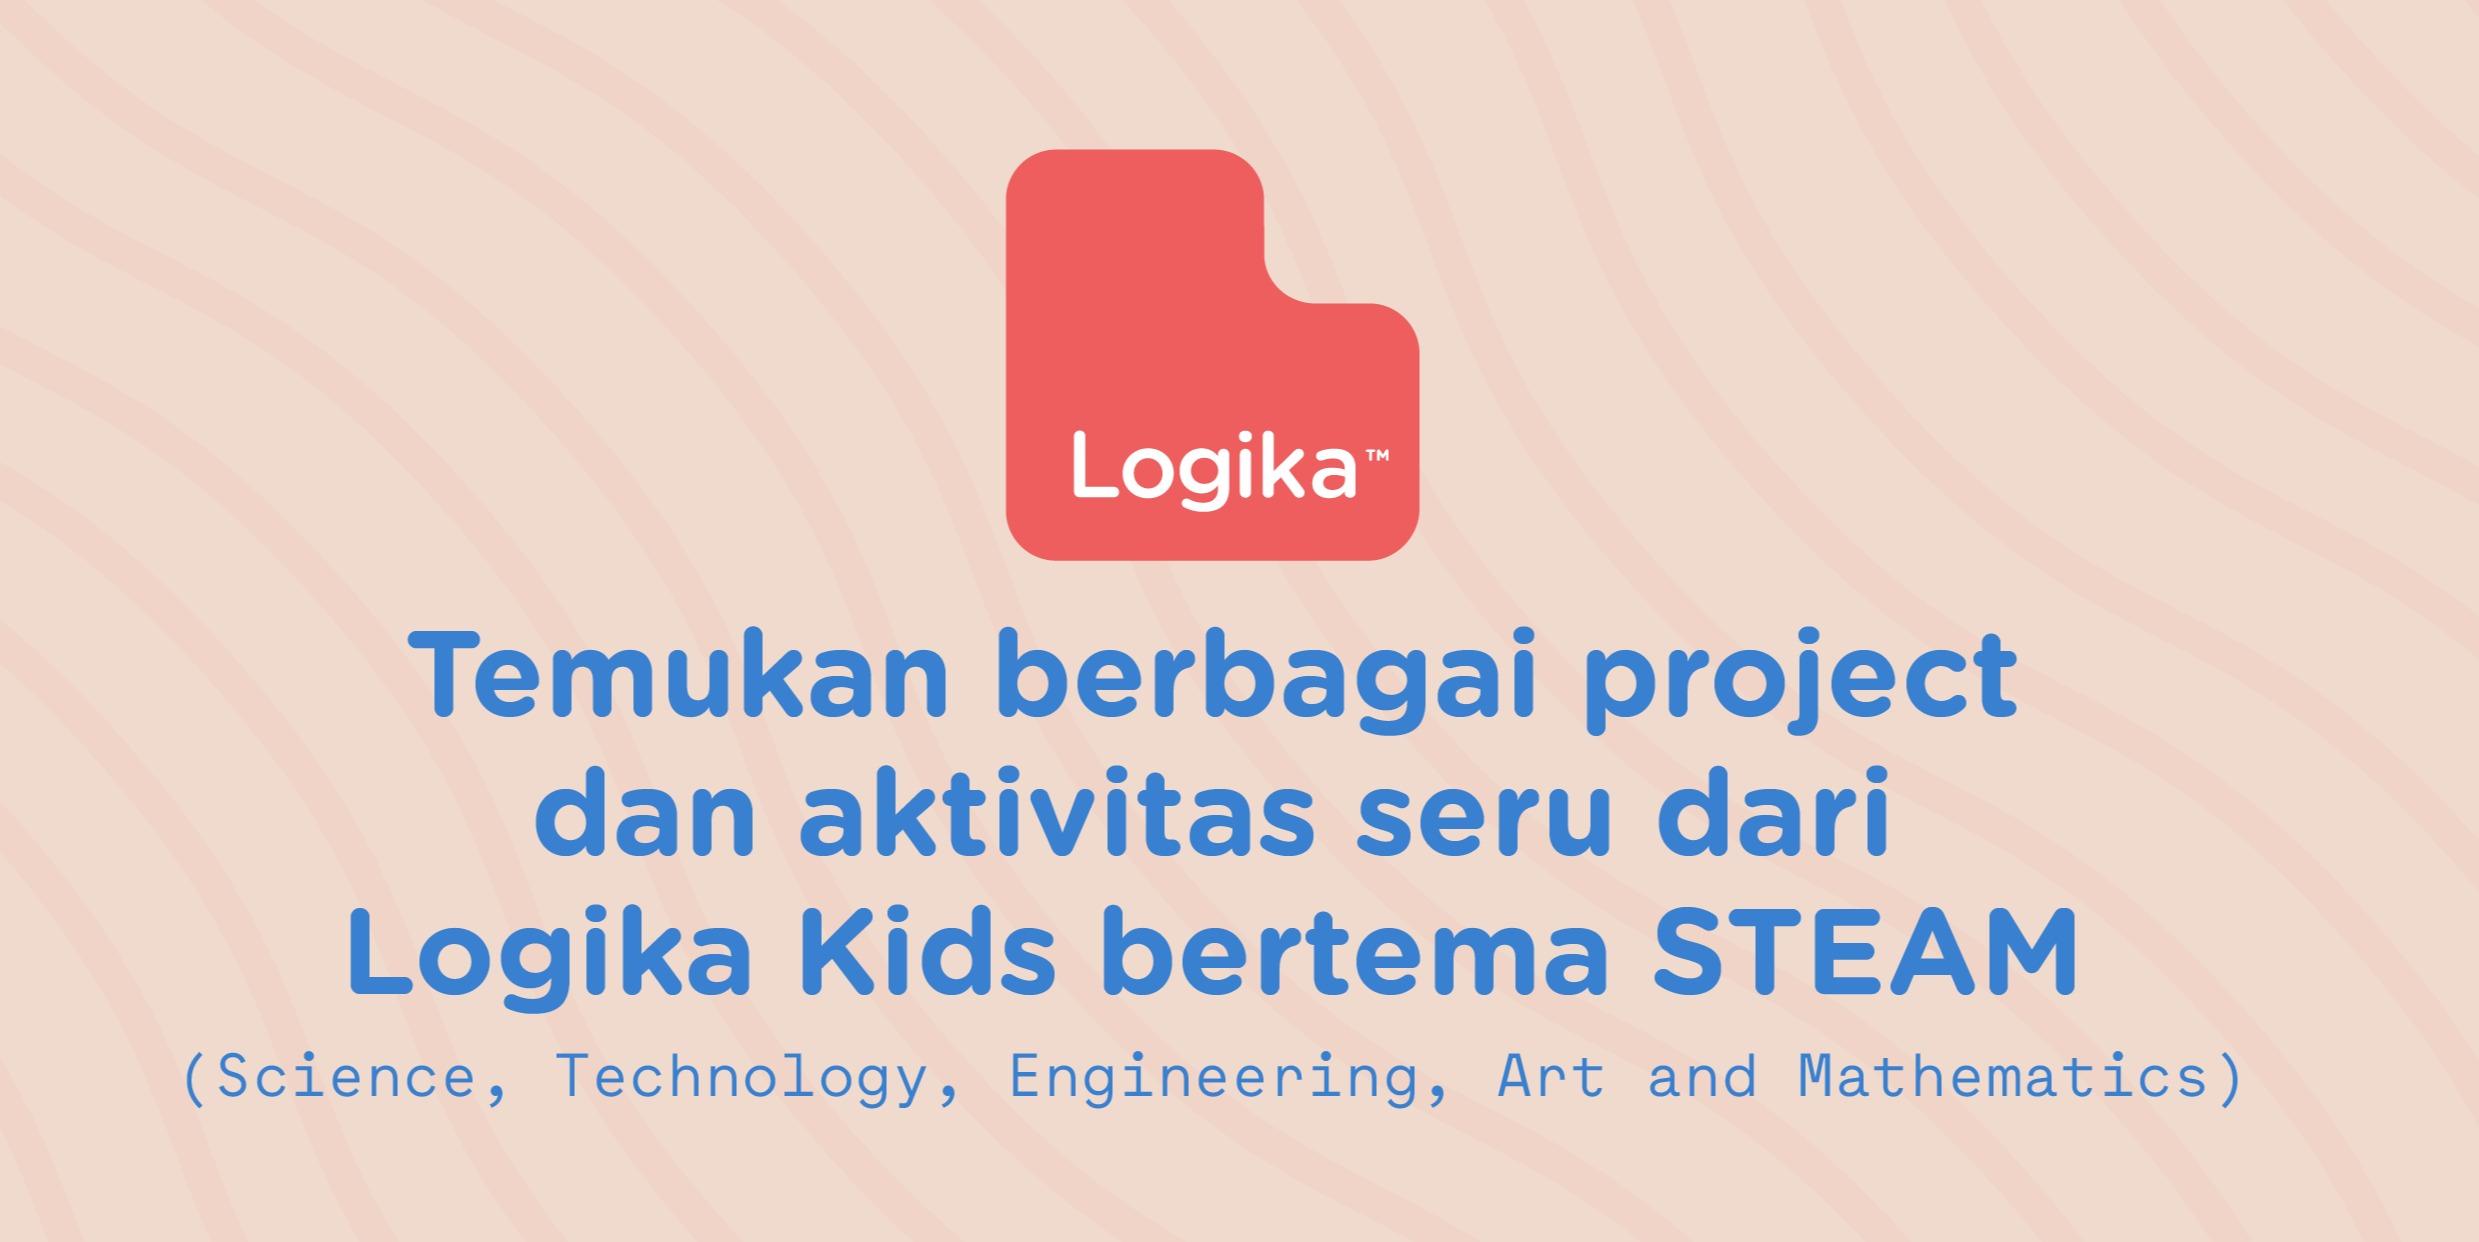 slide 2